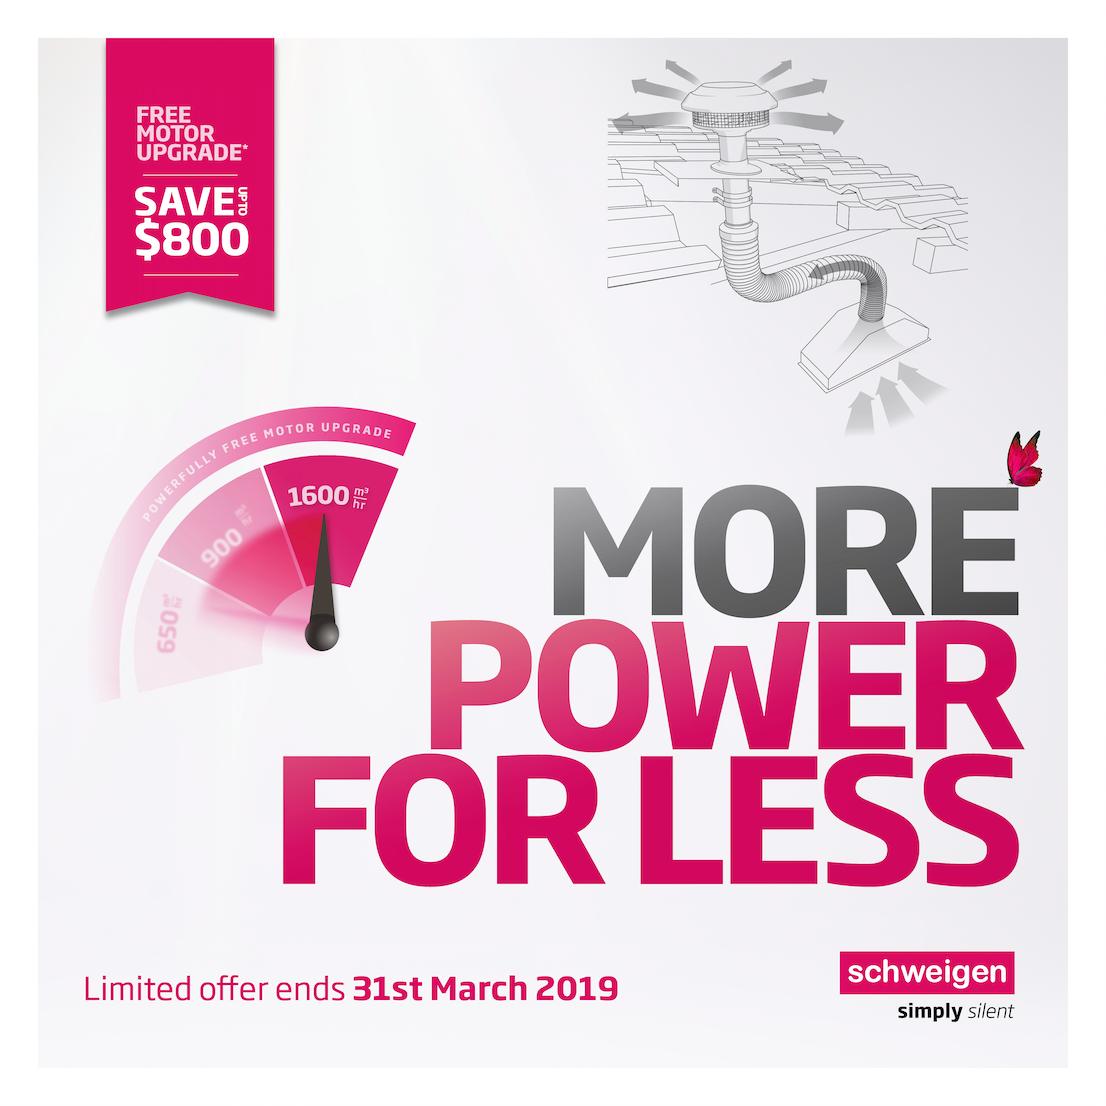 Schweigen Rangehood Feb March 2019 Promo Upgrade Your Motor